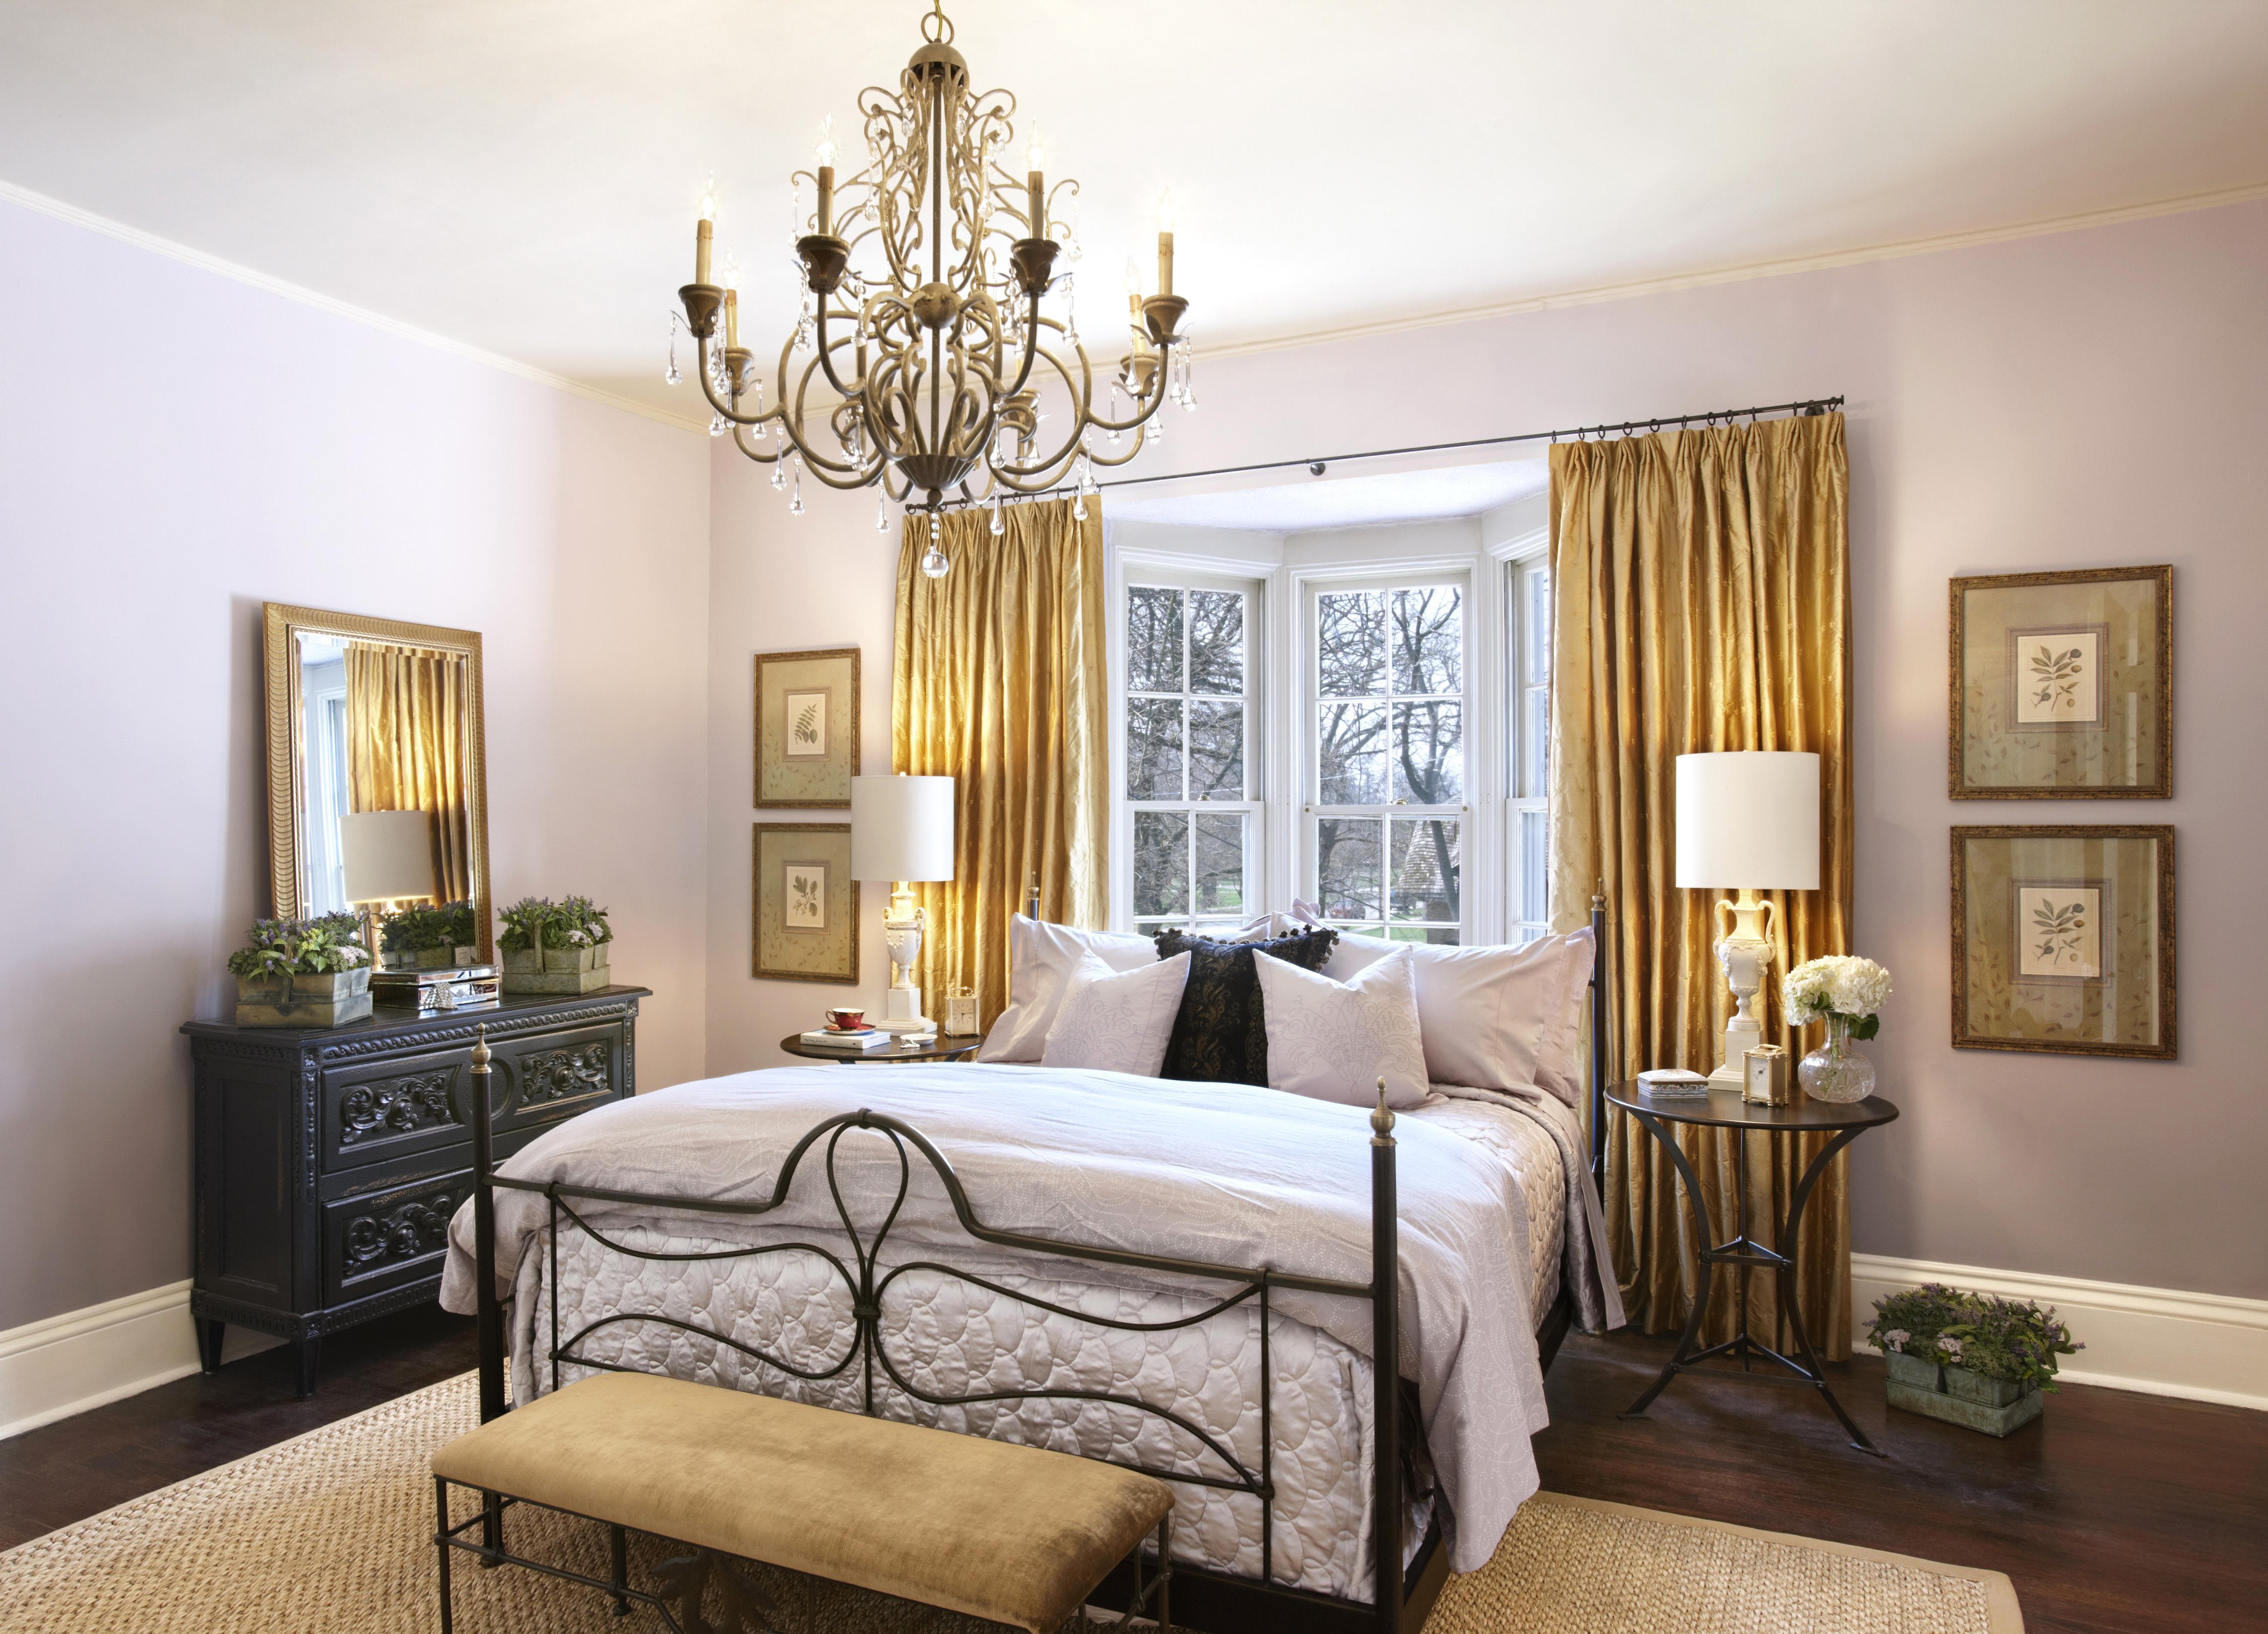 Интерьер спальня комната кровать  № 3537204 без смс